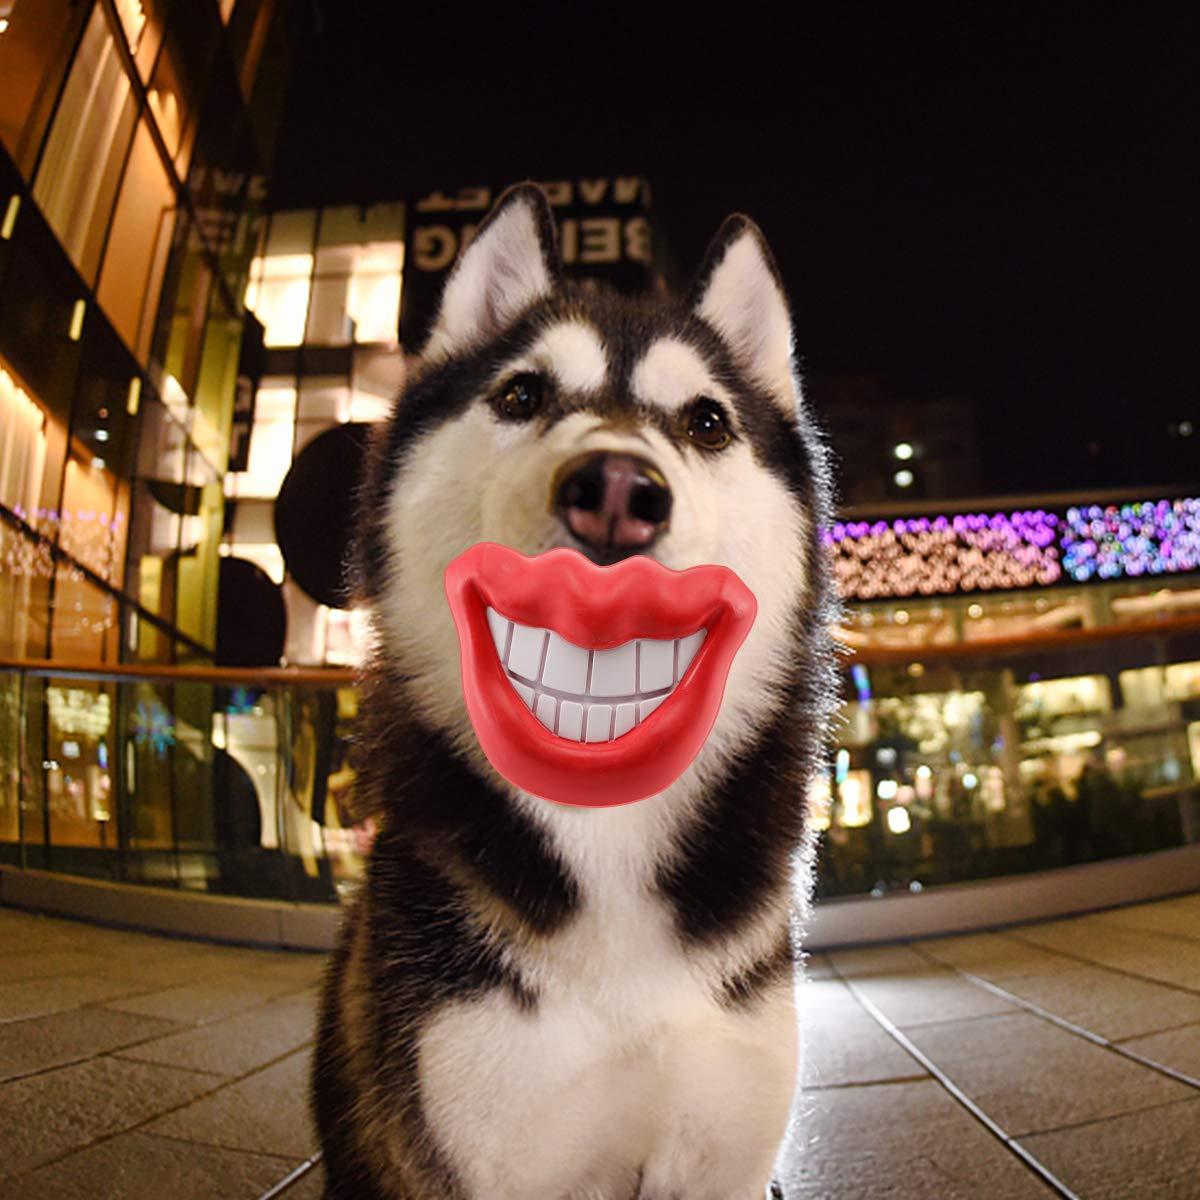 Amazon.com: Juguetes para perros Stajoy, juguetes de ...